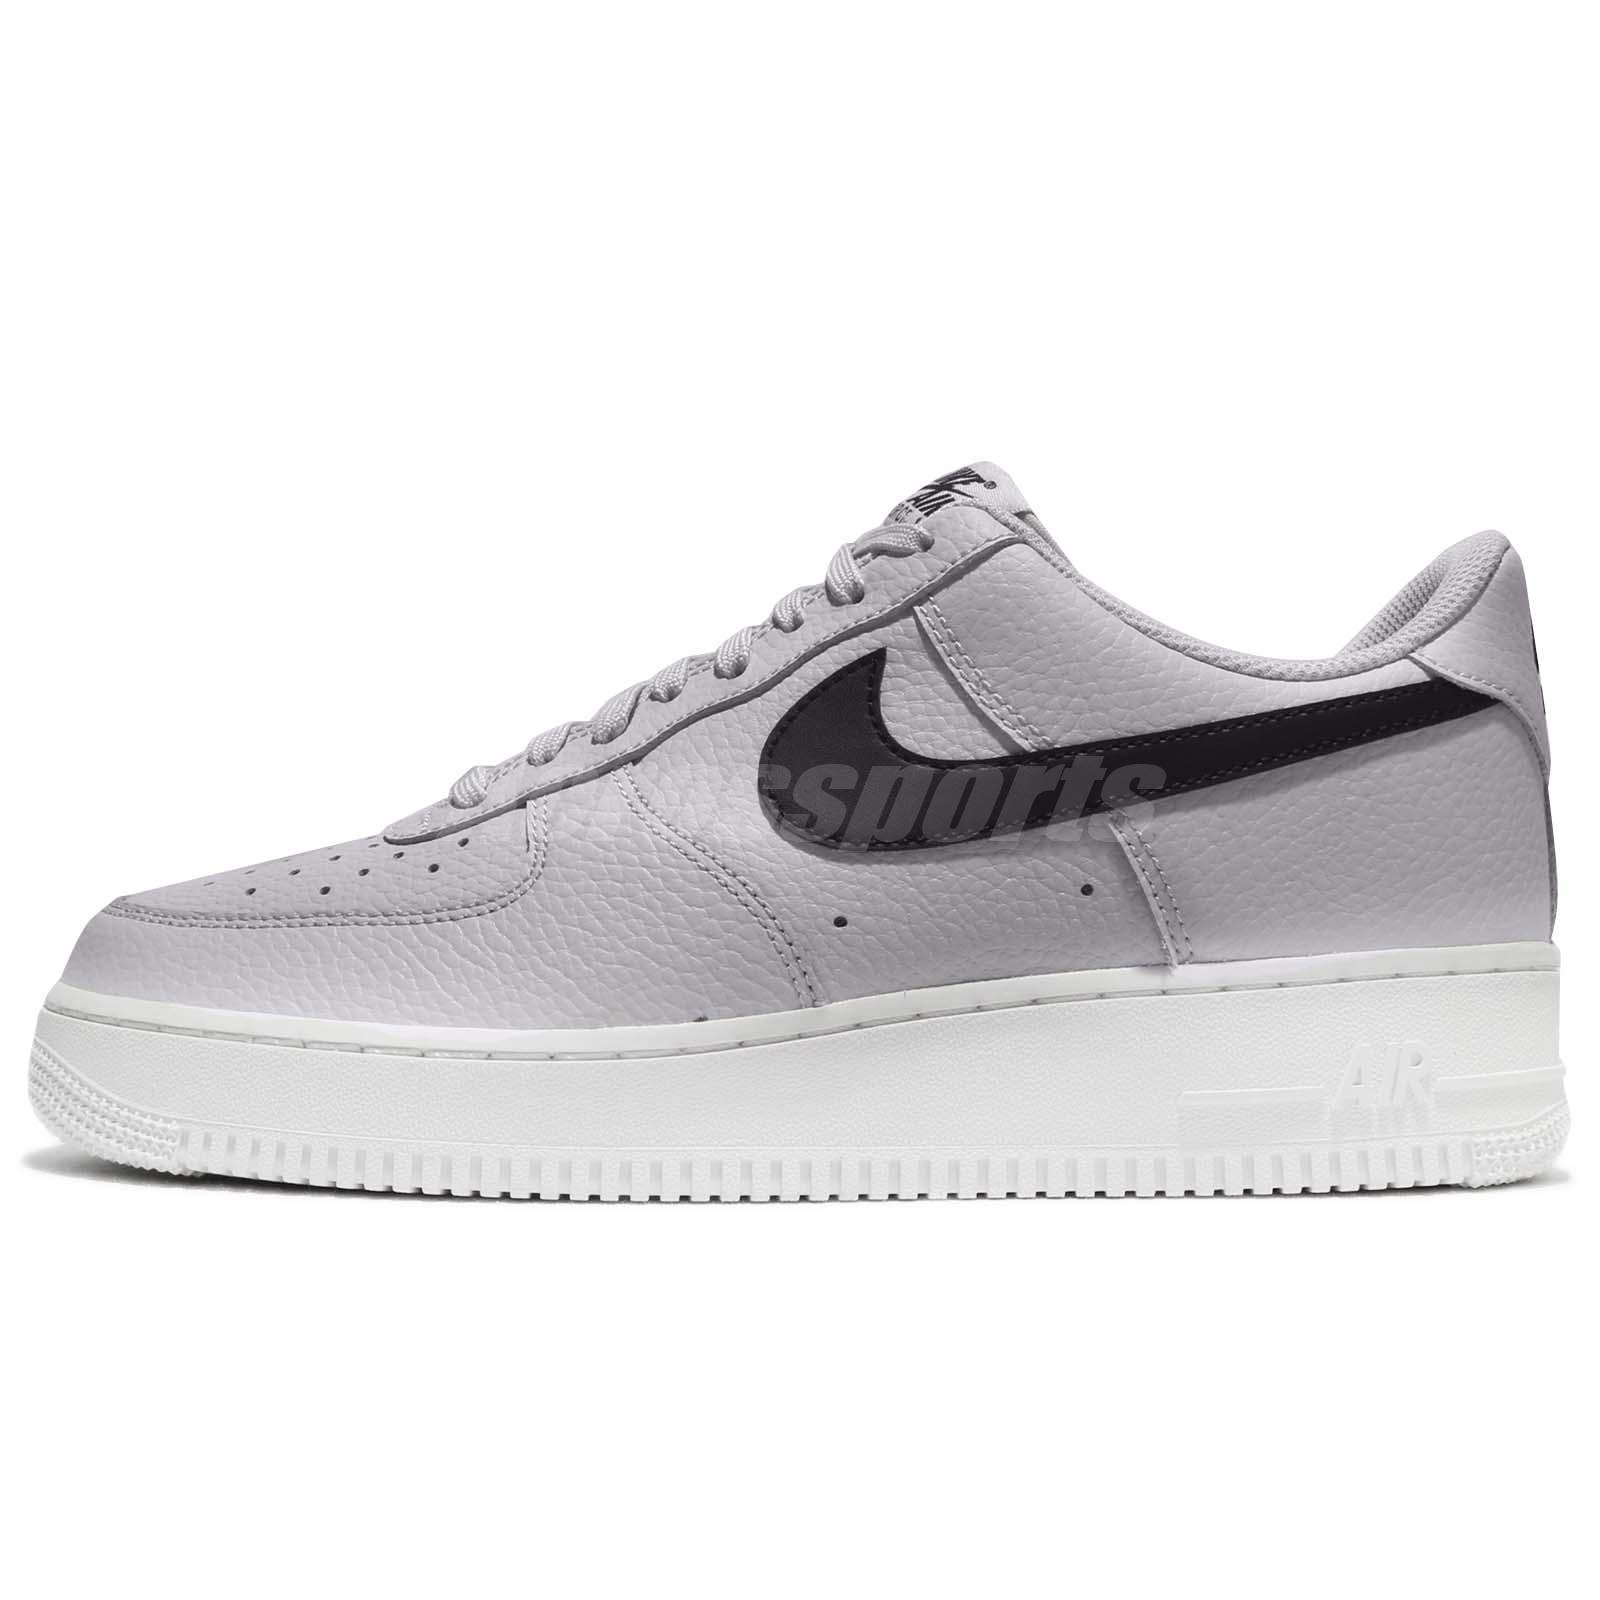 AIR FORCE - Sneaker low - vast grey/black/summit white Wählen Sie Eine Beste Günstig Online Unisex Steckdose Modische Günstig Kaufen Bilder VwqqzZ4Ni